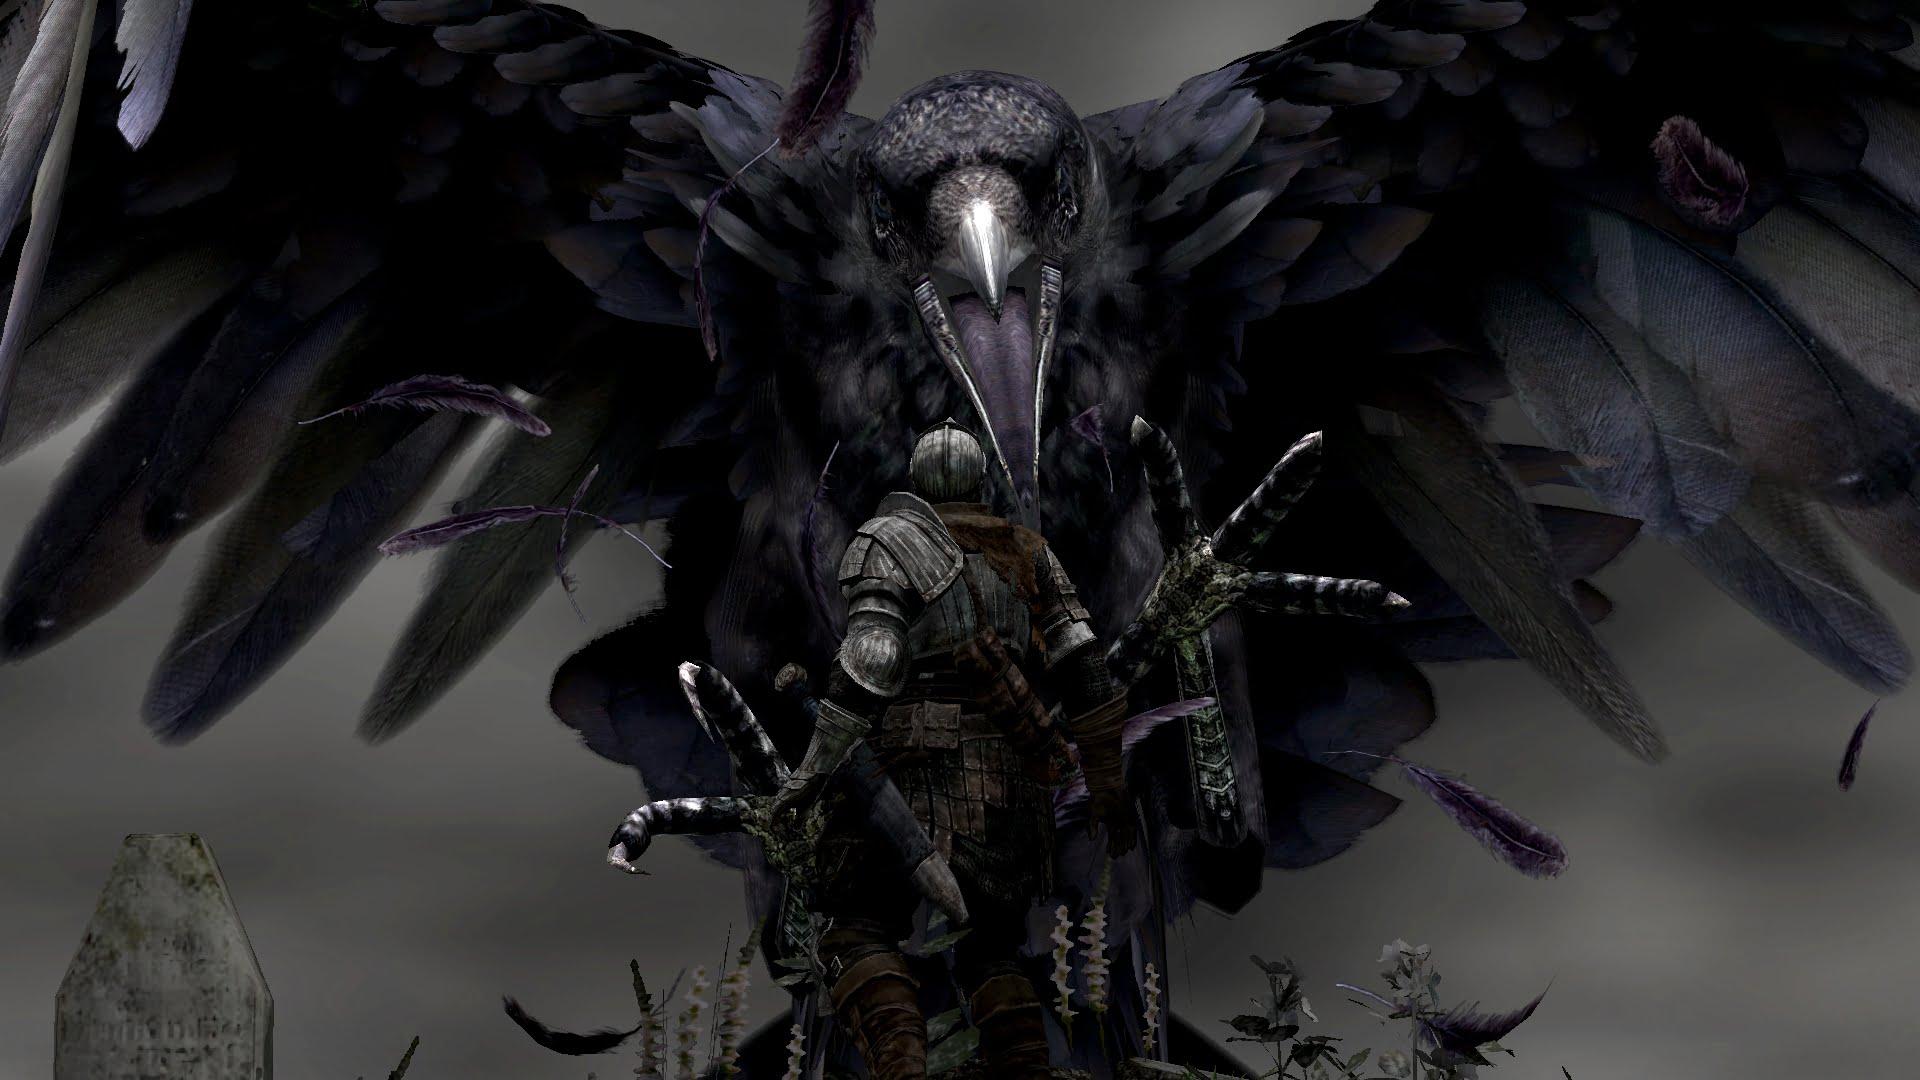 dark souls 3 background